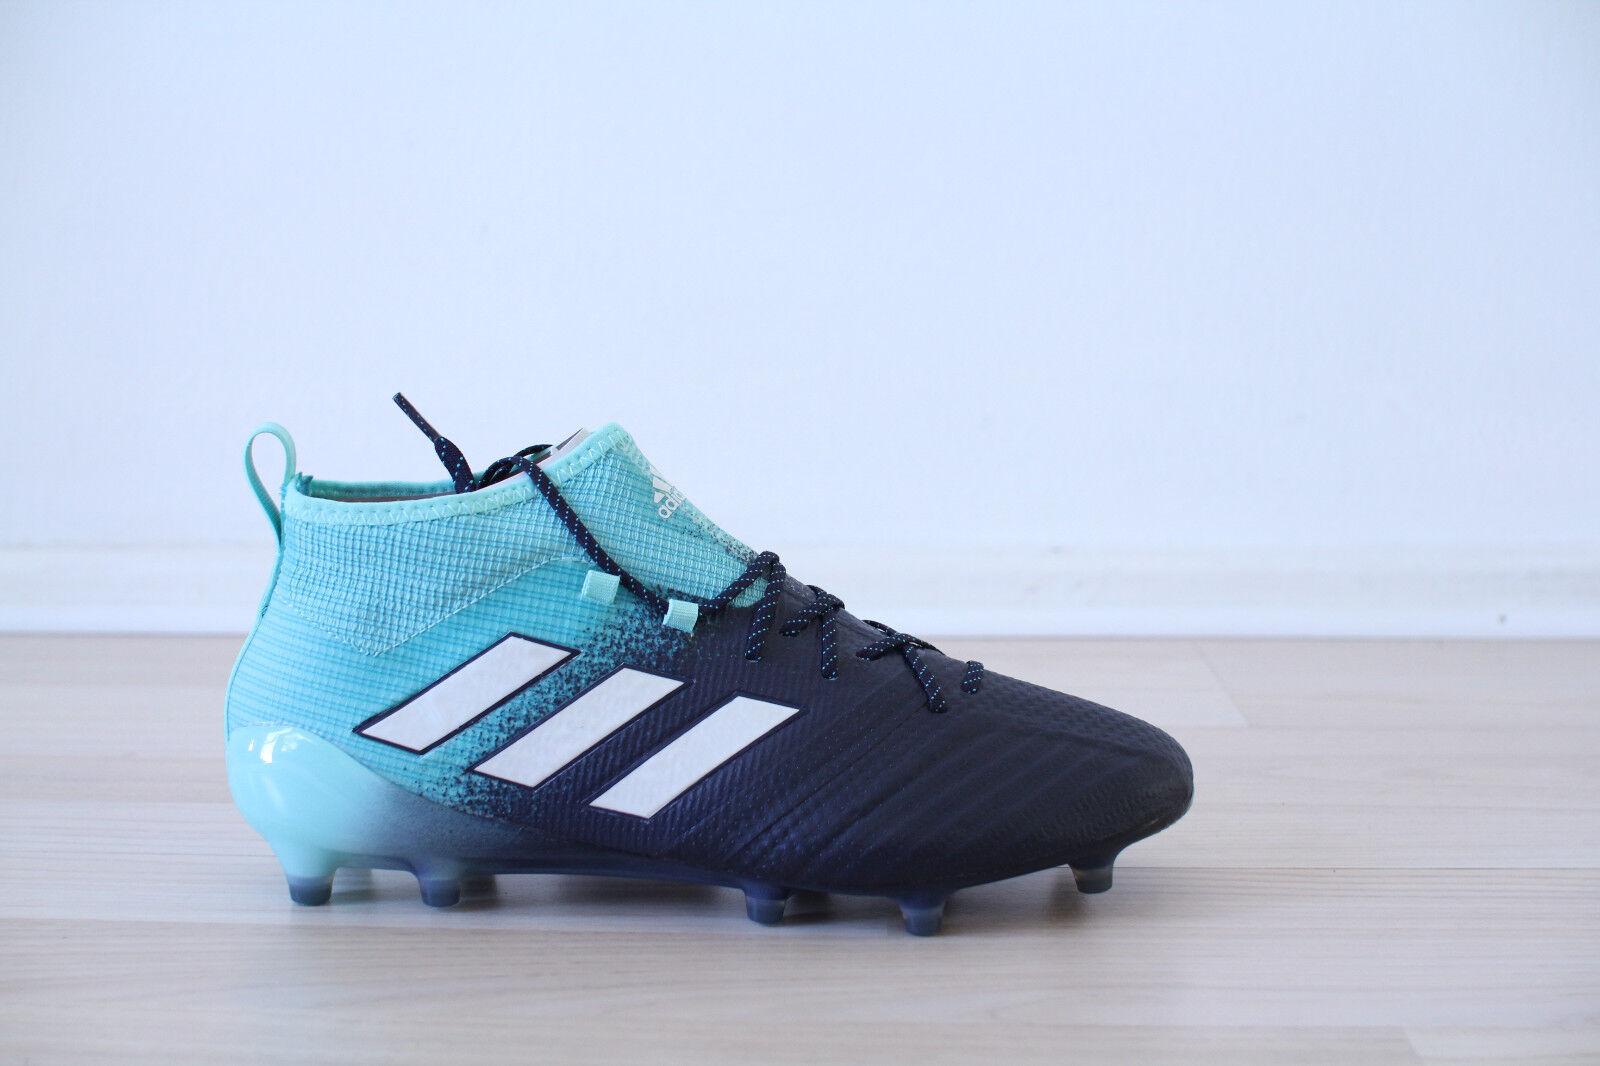 Adidas Ace 17.1 FG Blau Grün Gr. 40 41 42 43 44 45 46 NEU & OVP BY2458